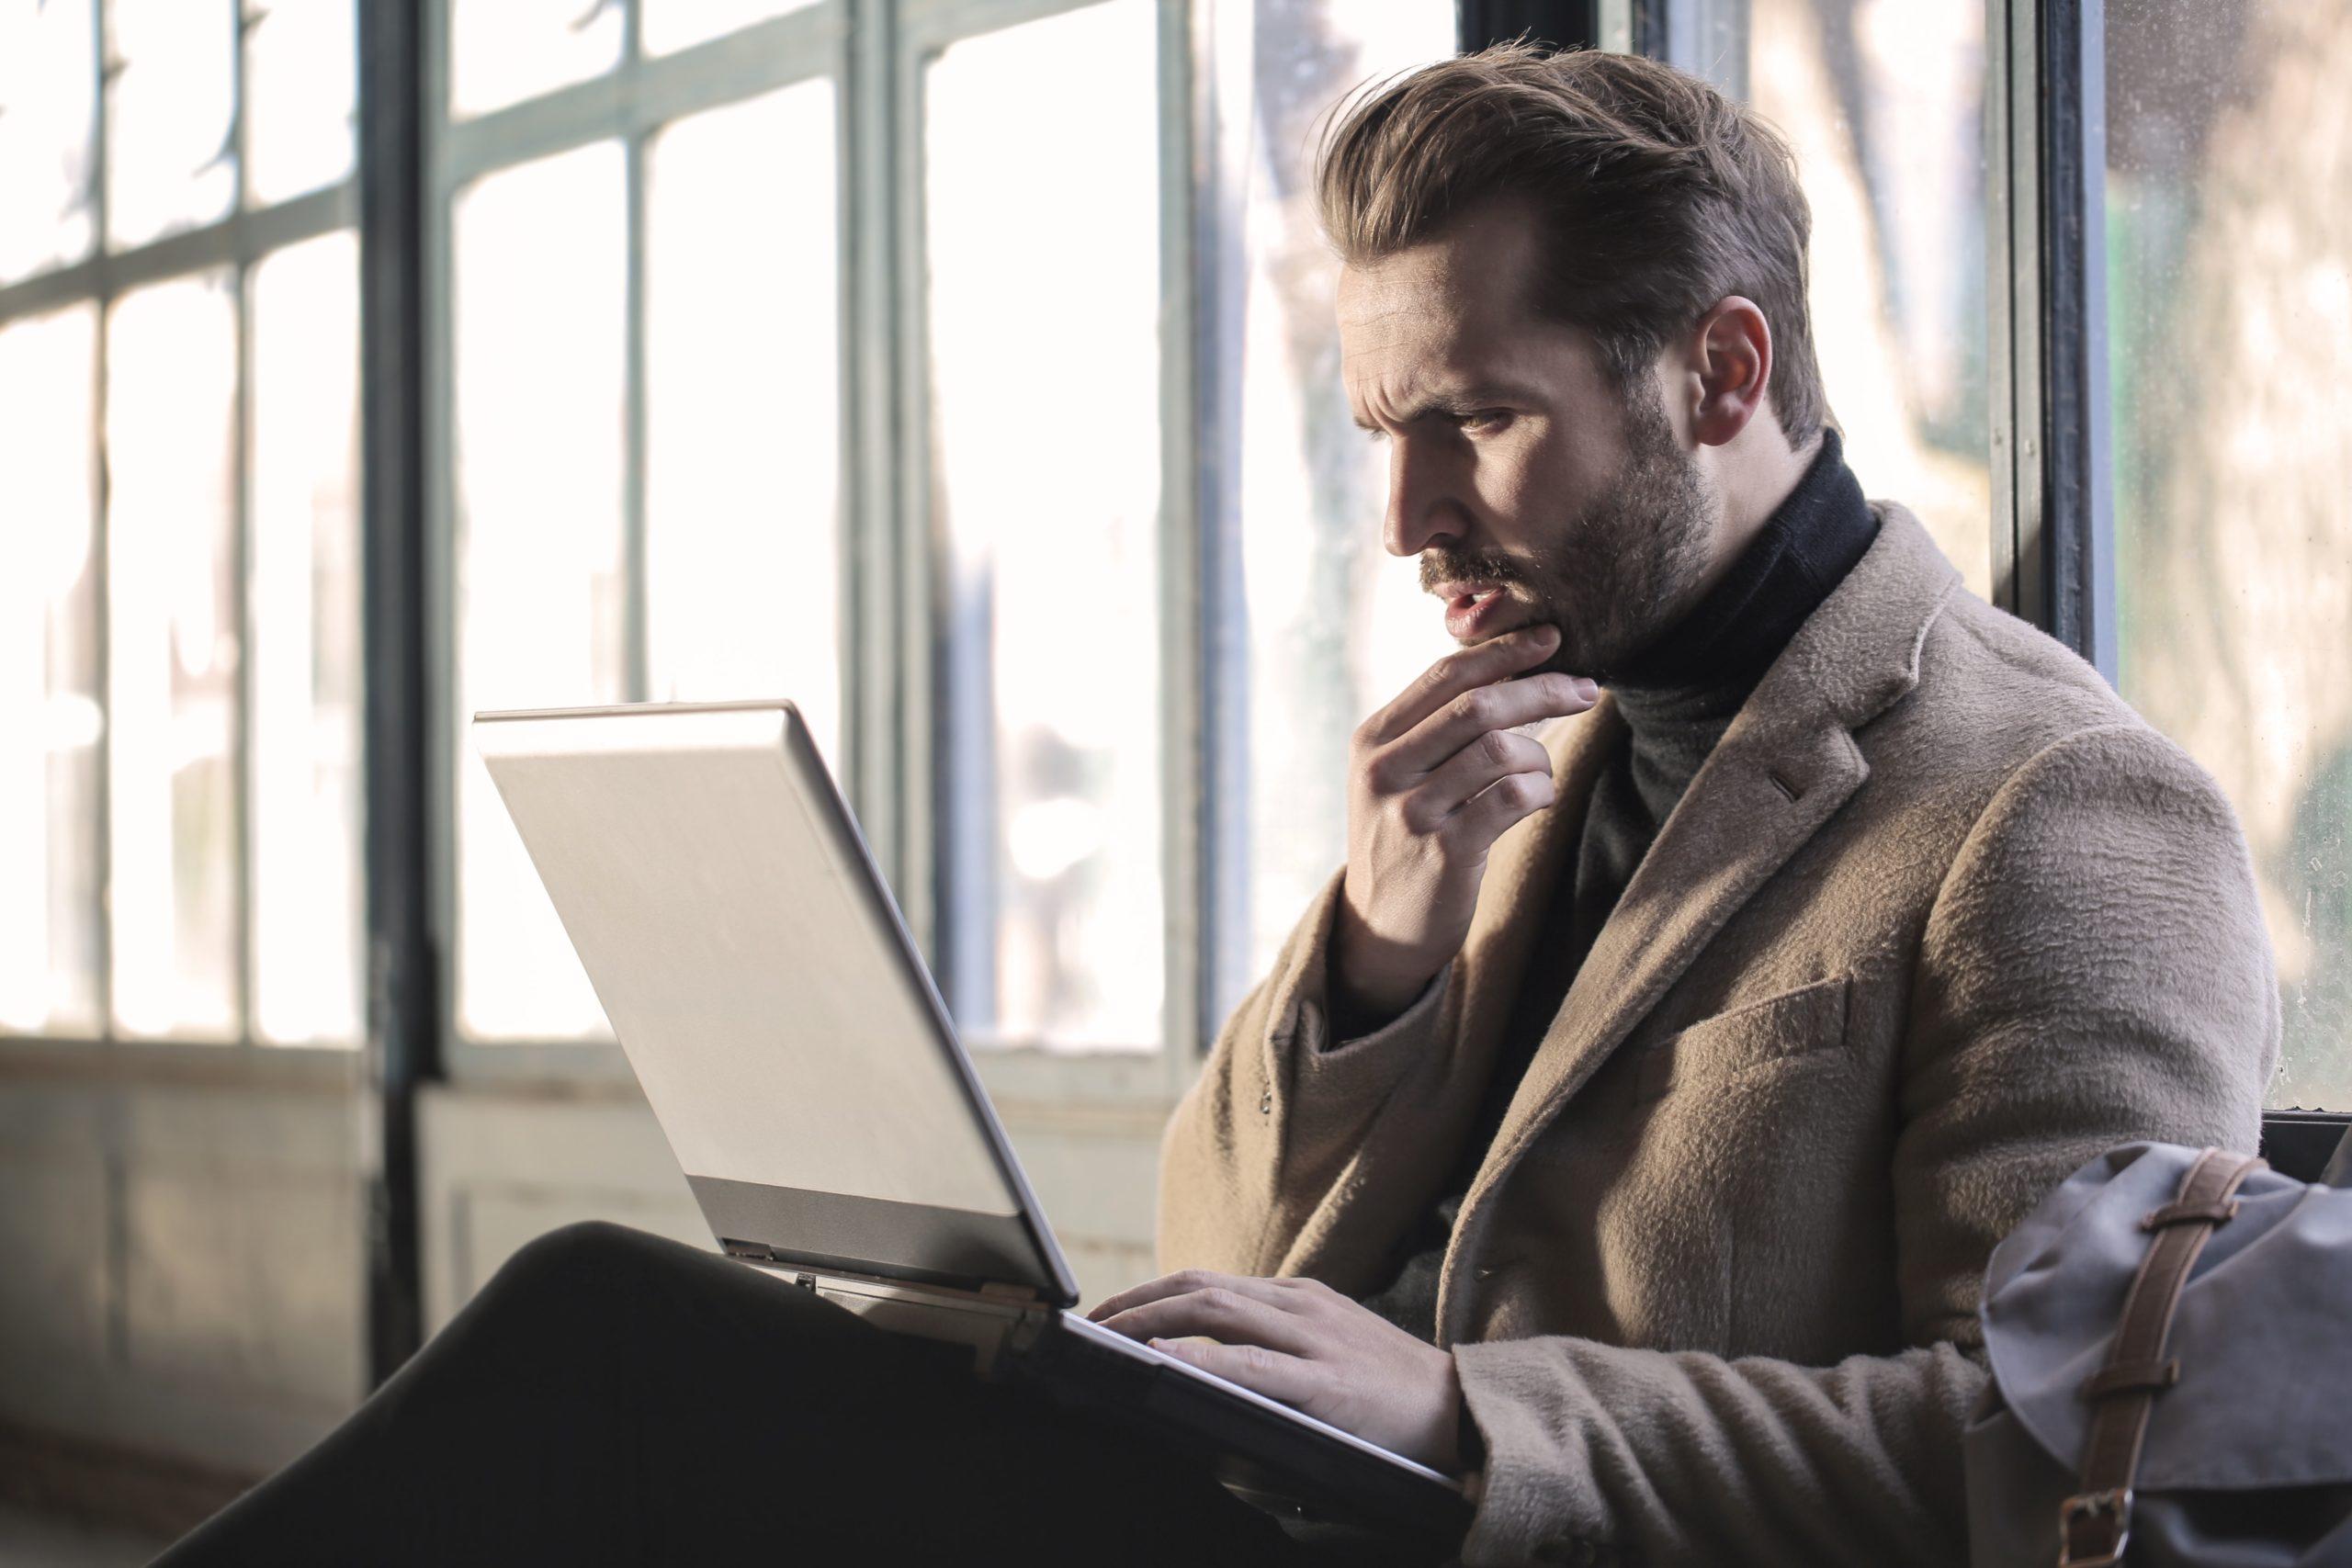 Mann guckt verwundert auf sein Laptop